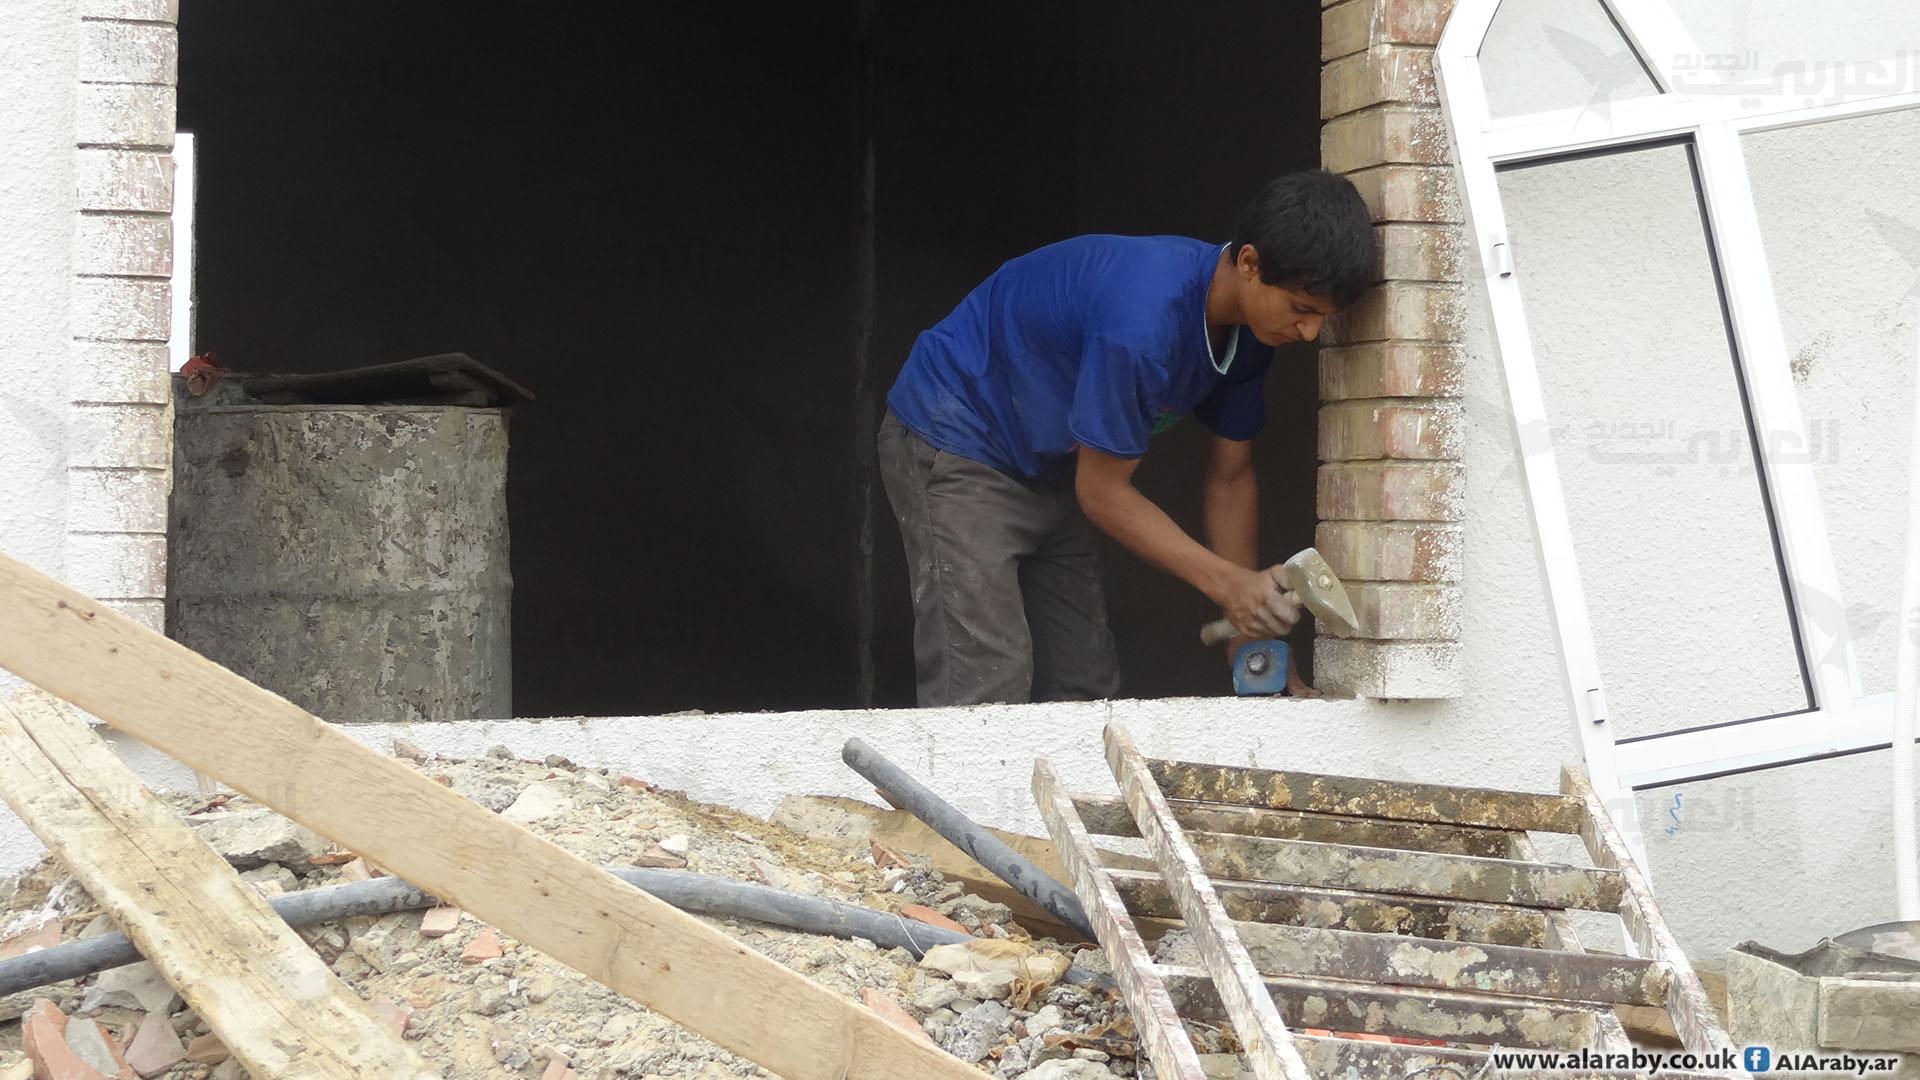 مواد البناء في اليمن